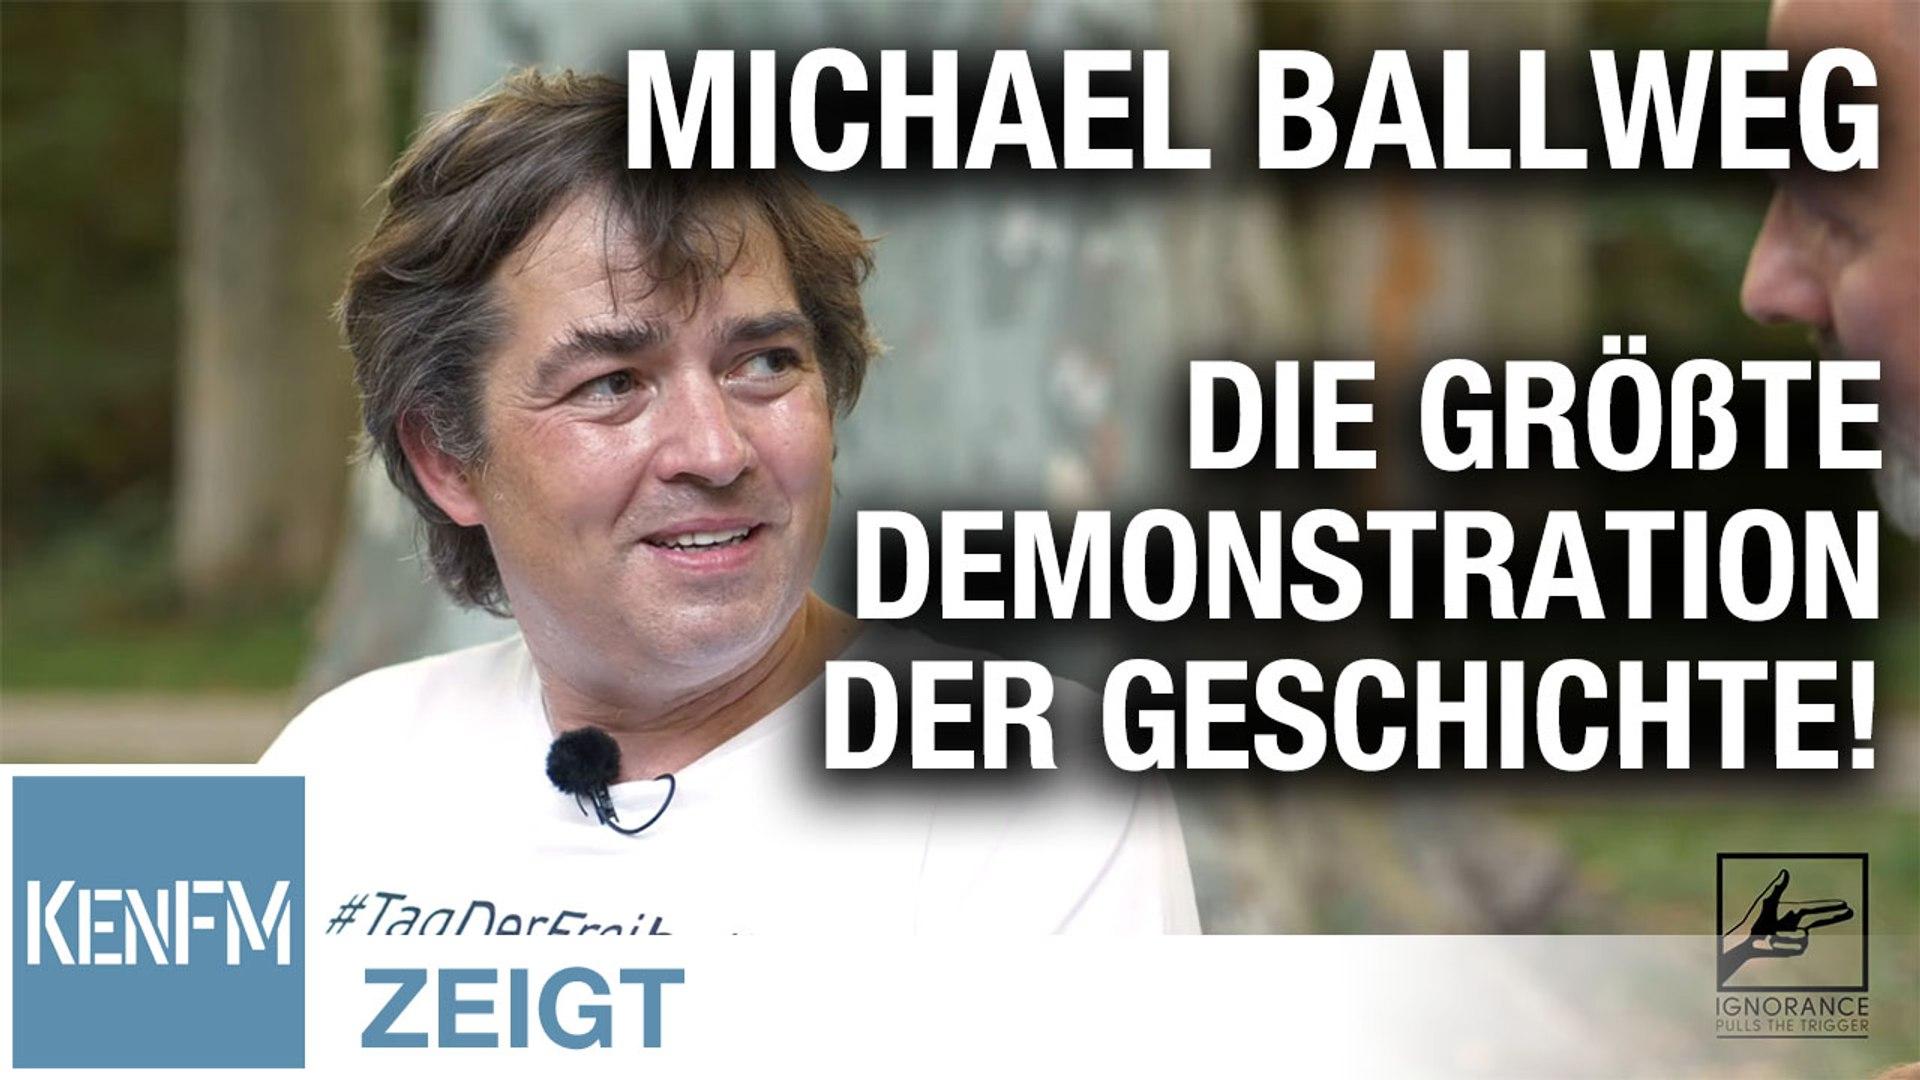 Michael Ballweg über den 29.8.2020 – Die größte Demonstration der Geschichte!